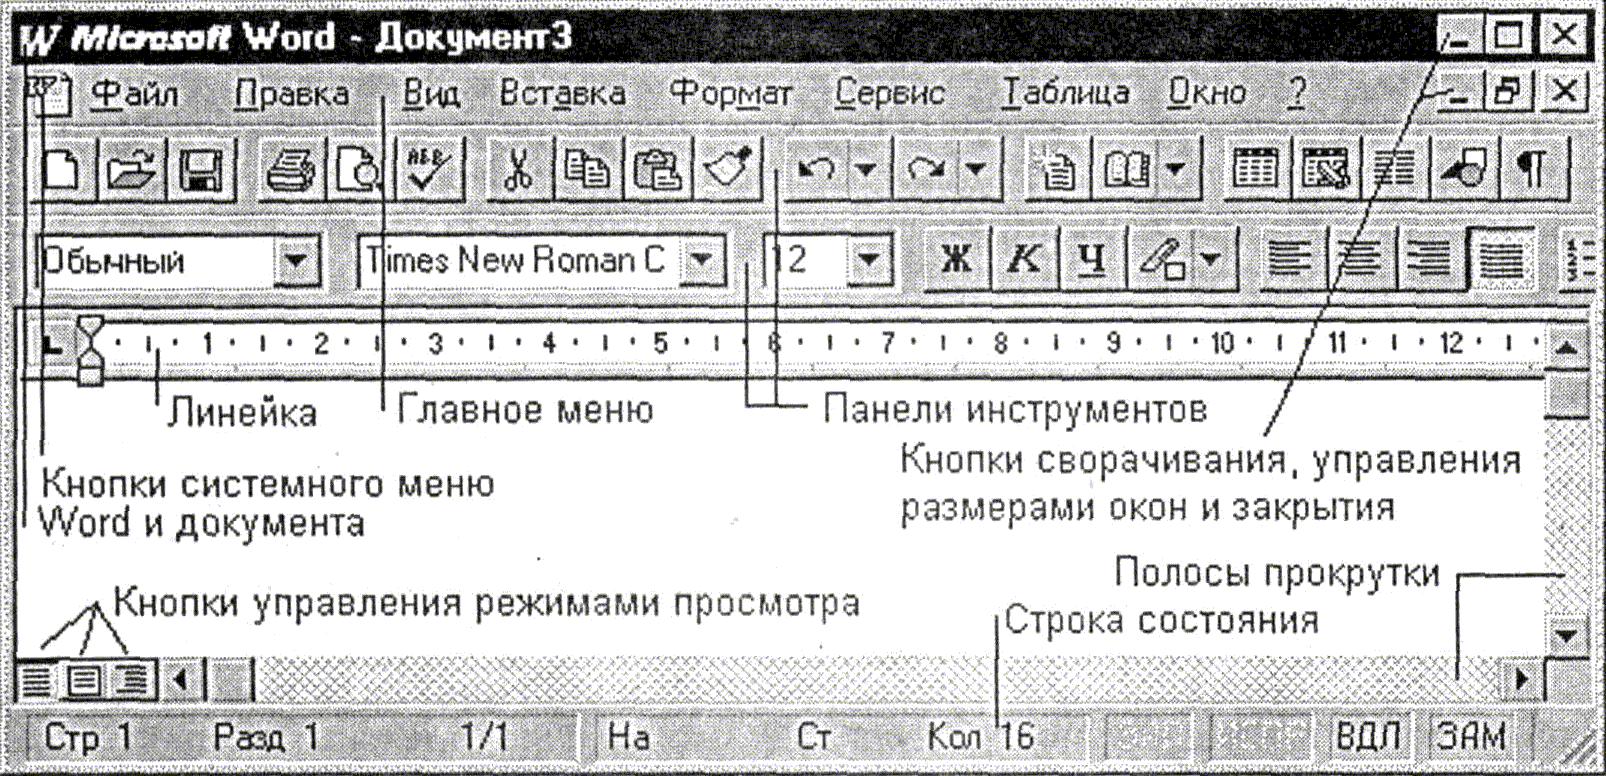 Реферат на тему технология обработки текстовой информации 9222